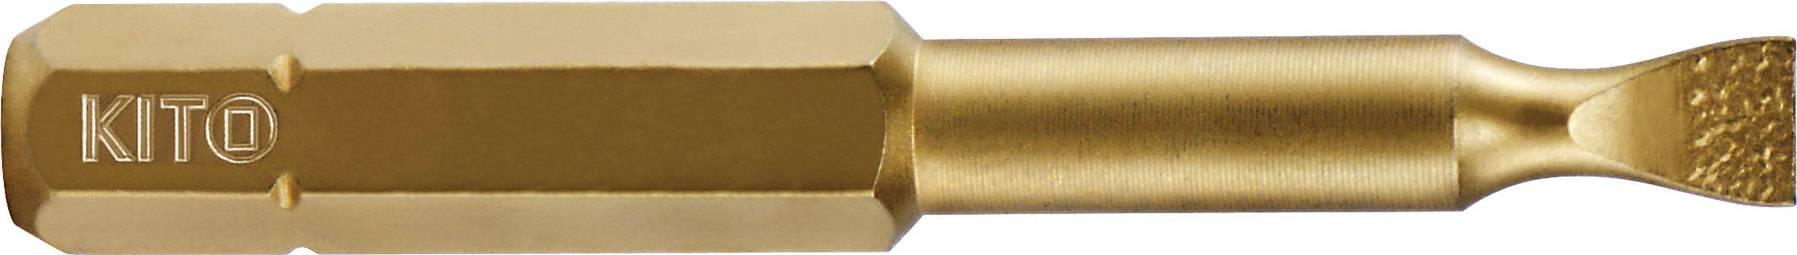 hrot, 4,5x50mm, S2/TiN 4821302 KITO